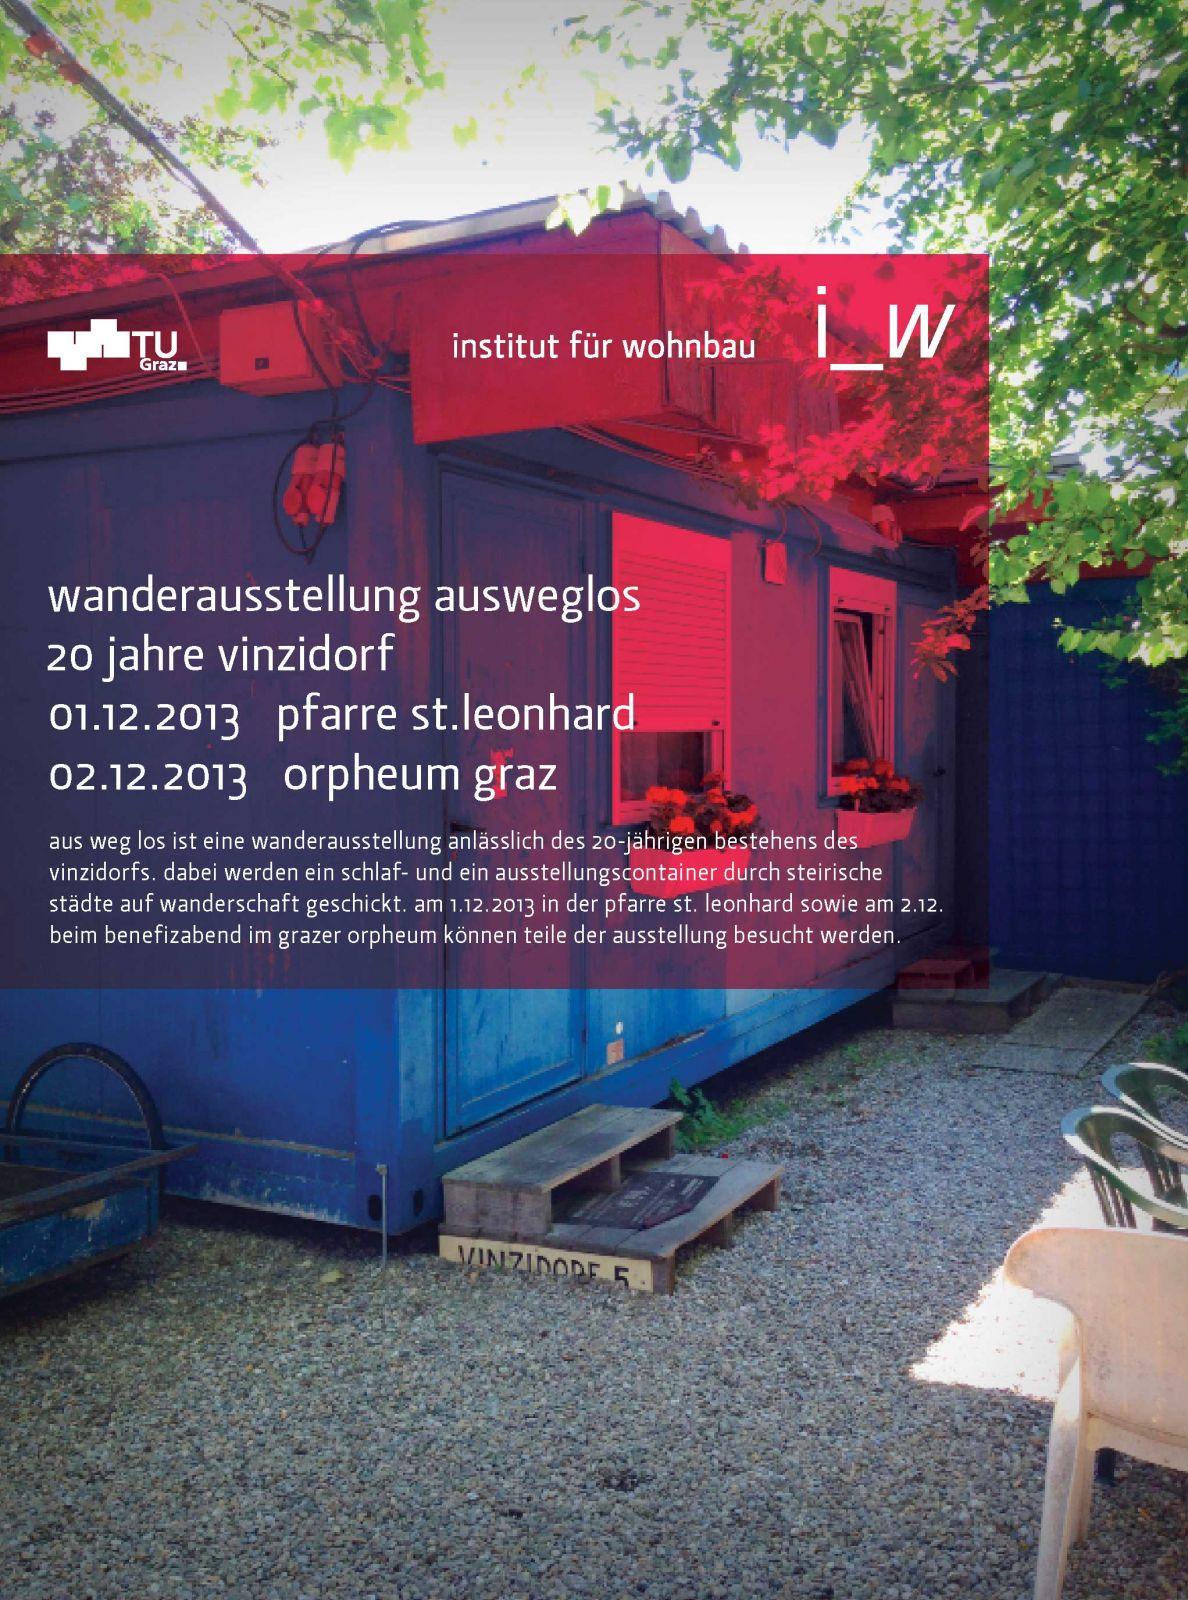 wanderausstellung ausweglos 20 jahre vinzidorf